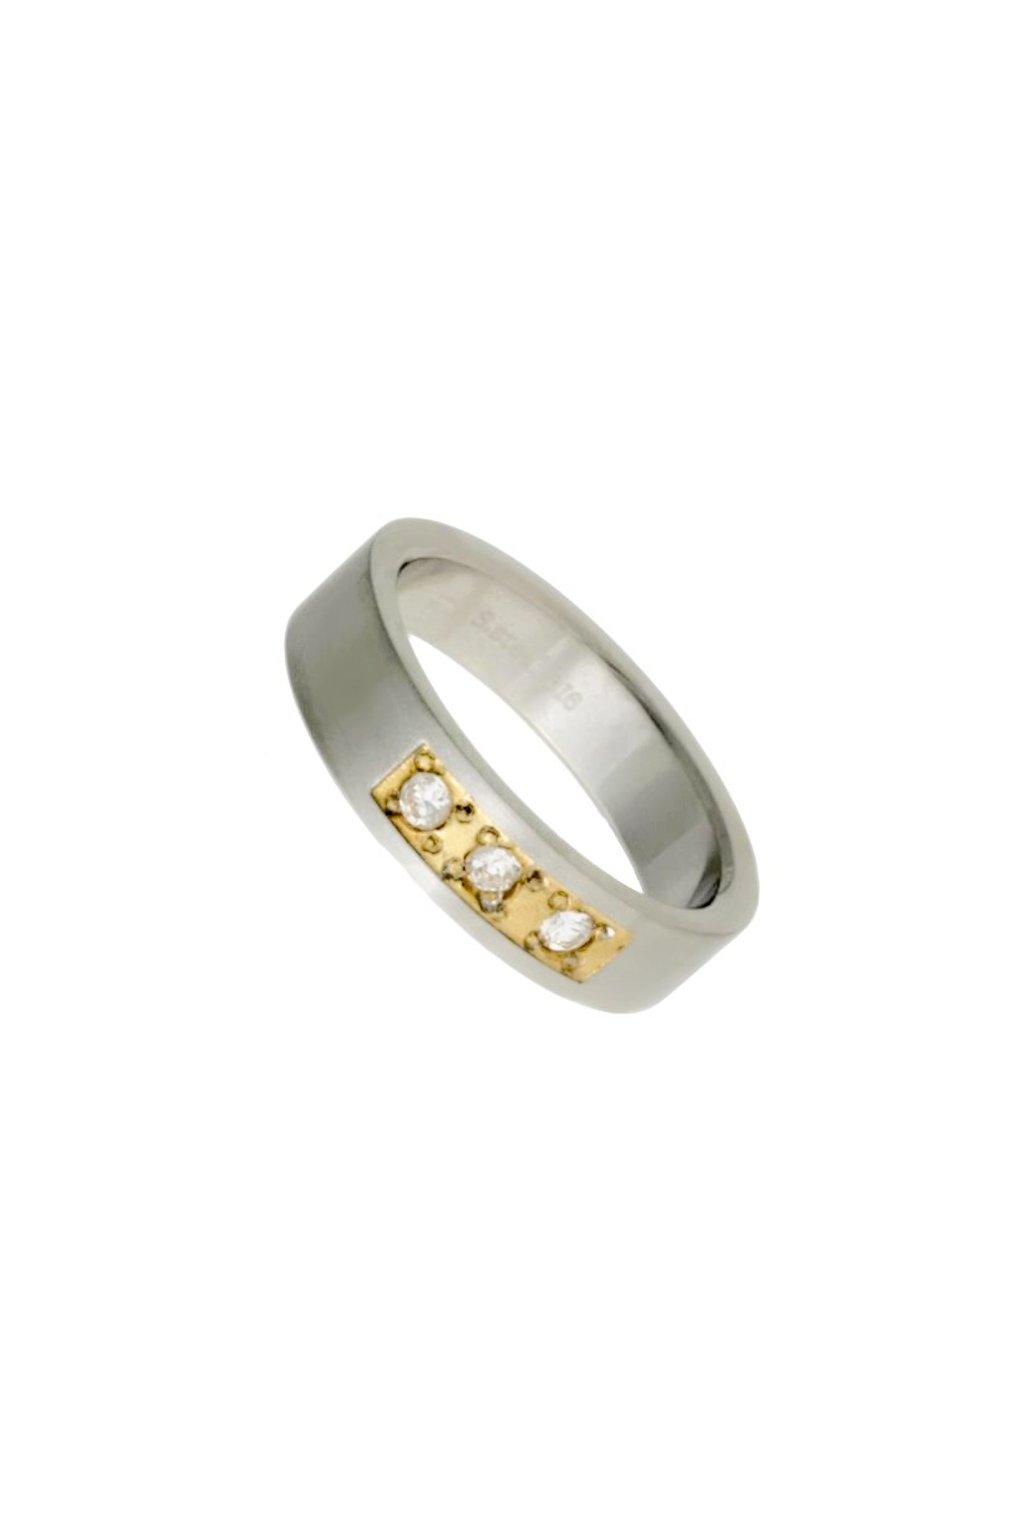 Skalimar Prsten z chirurgické oceli S POZLACENÝM STŘEDEM A ZIRKONY 312415